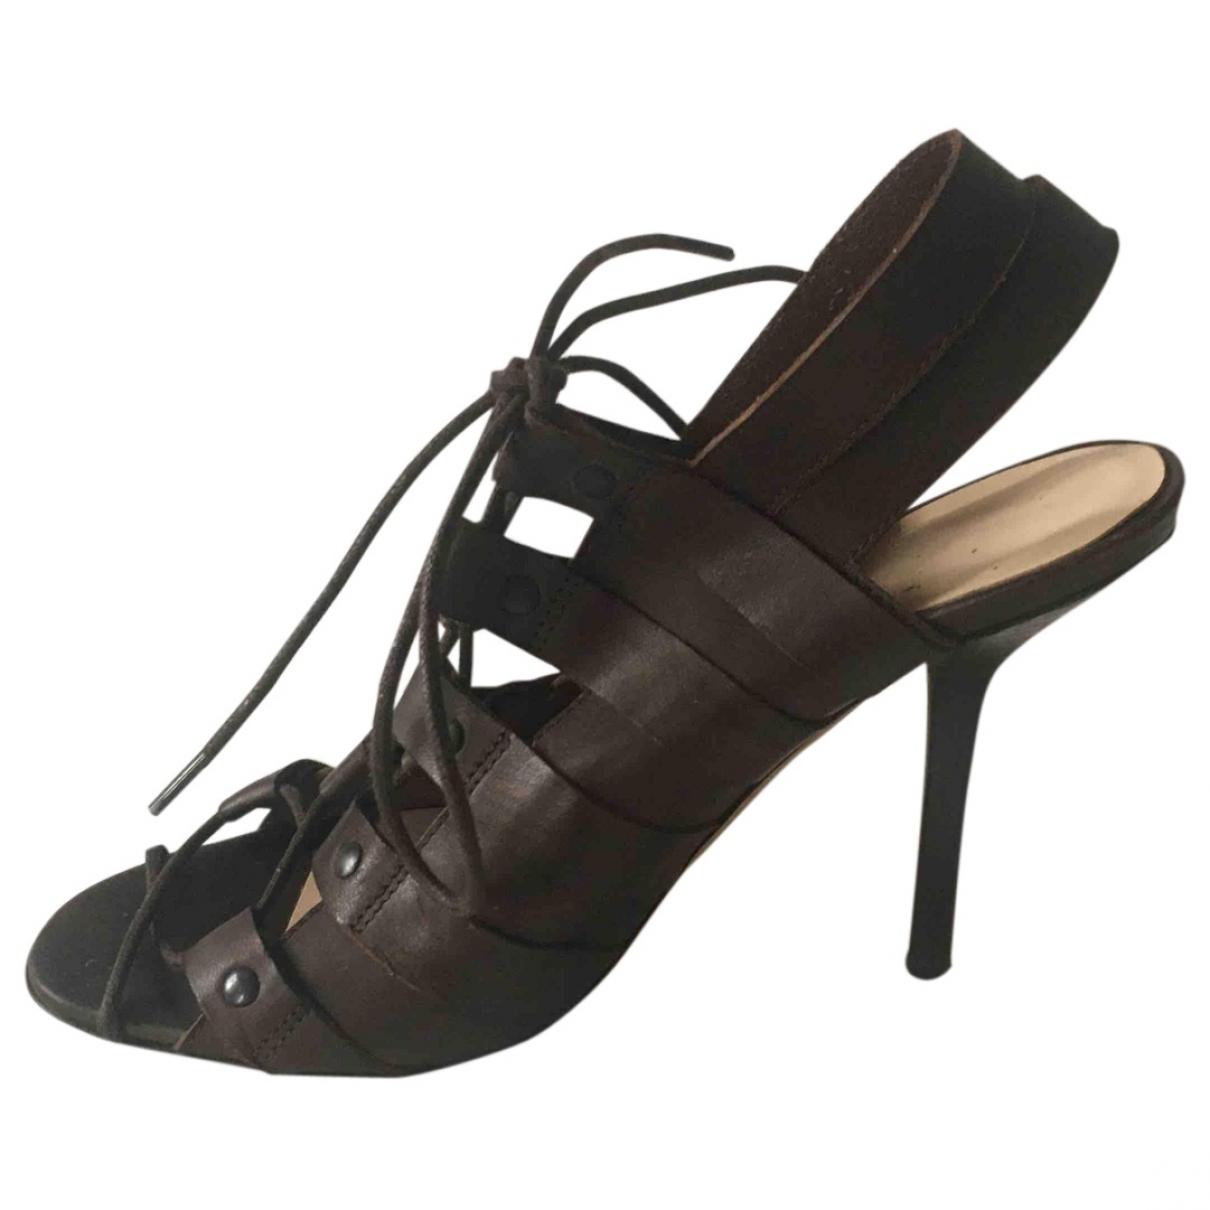 Jean Paul Gaultier - Sandales   pour femme en cuir - marron